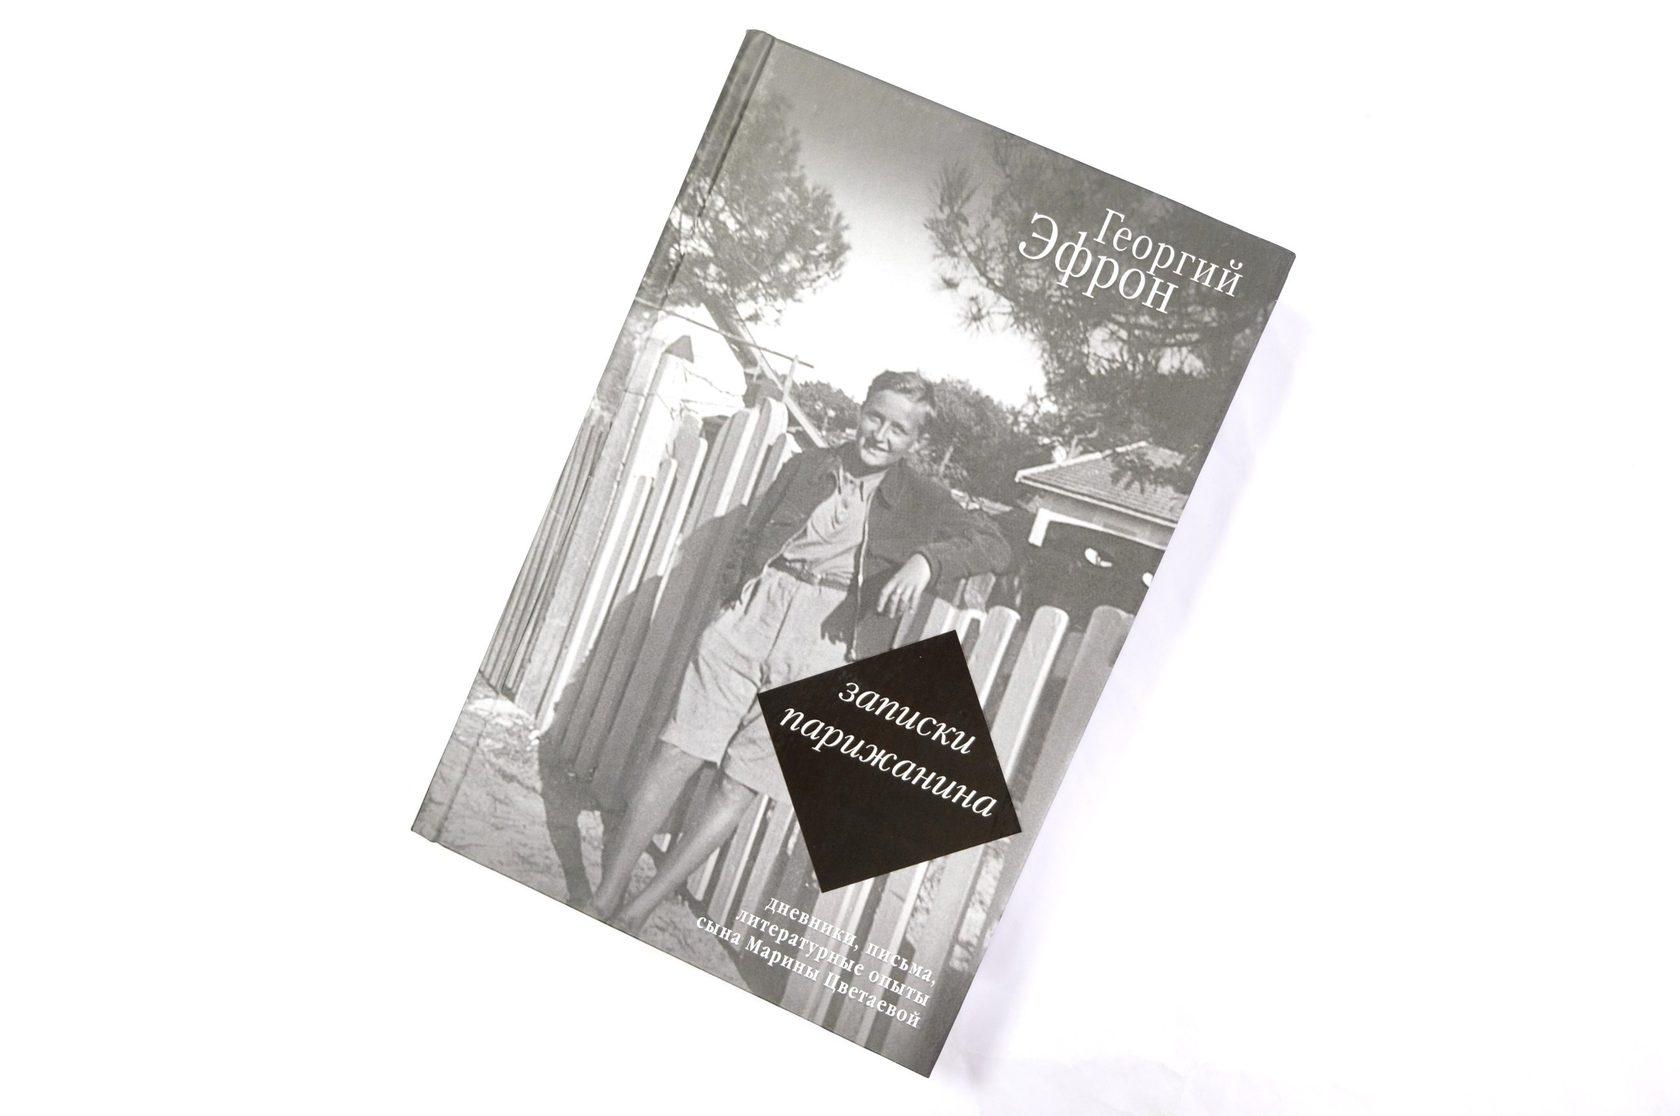 «Записки парижанина. Дневники, письма, литературные опыты сына Марины Цветаевой»